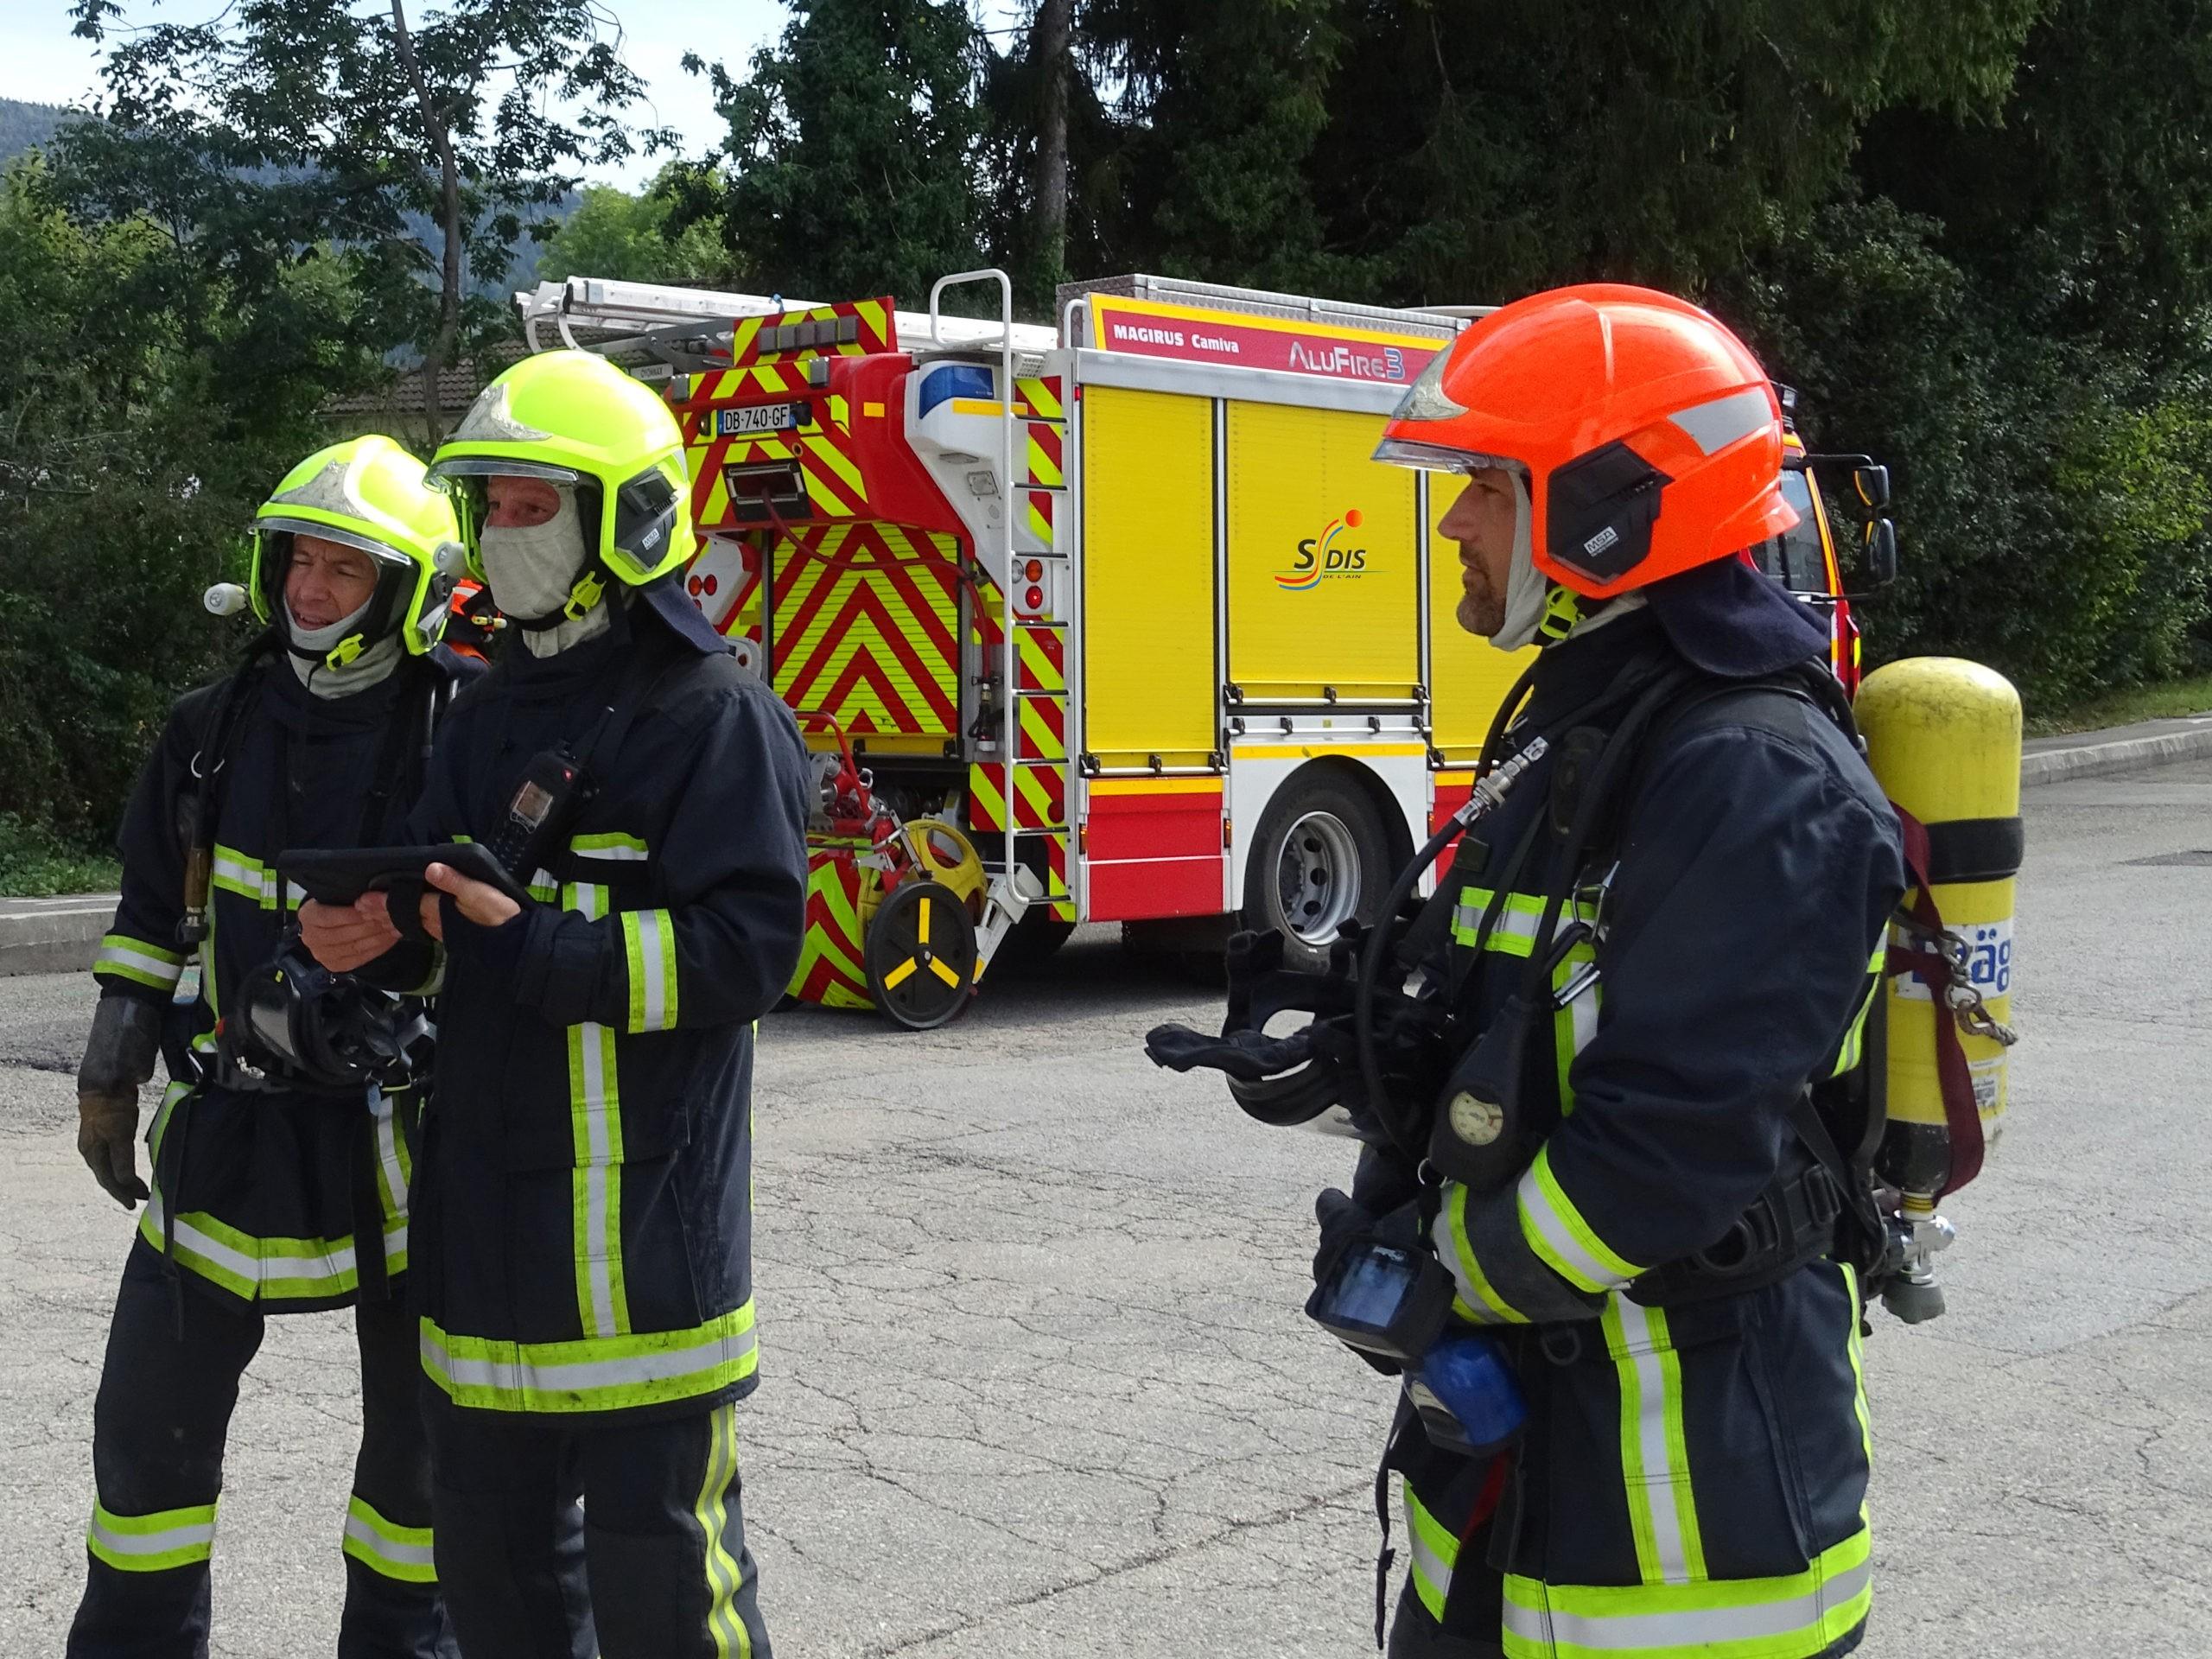 Une application pour sécuriser les interventions des pompiers dans les bâtiments